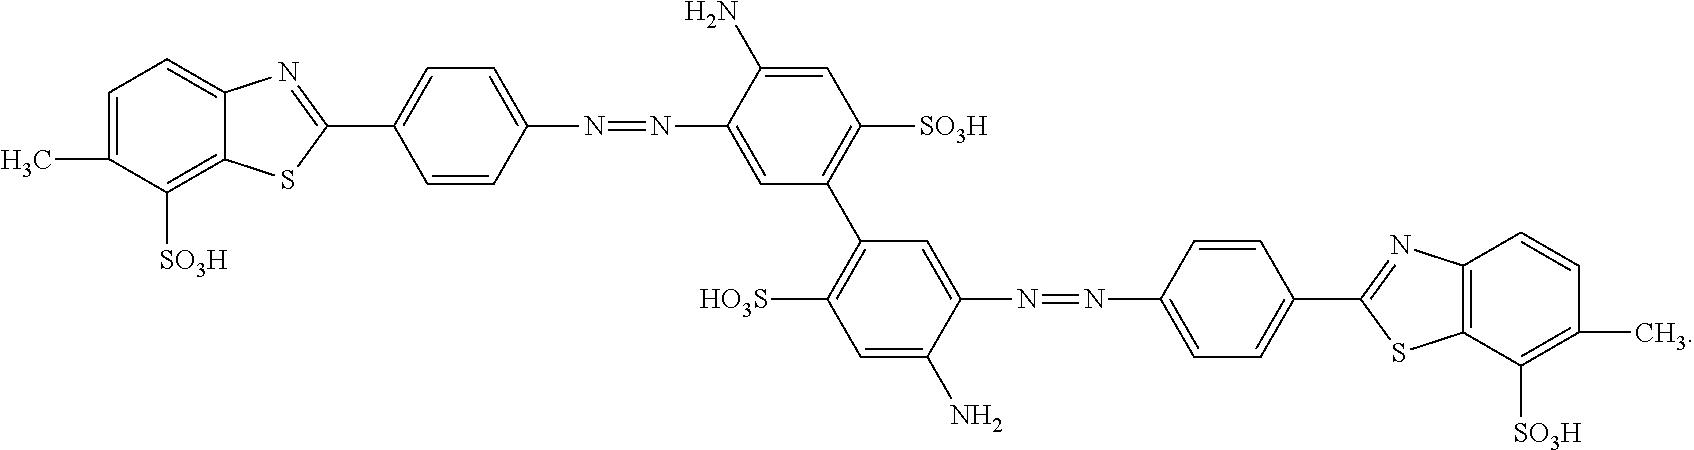 Figure US08734532-20140527-C00043